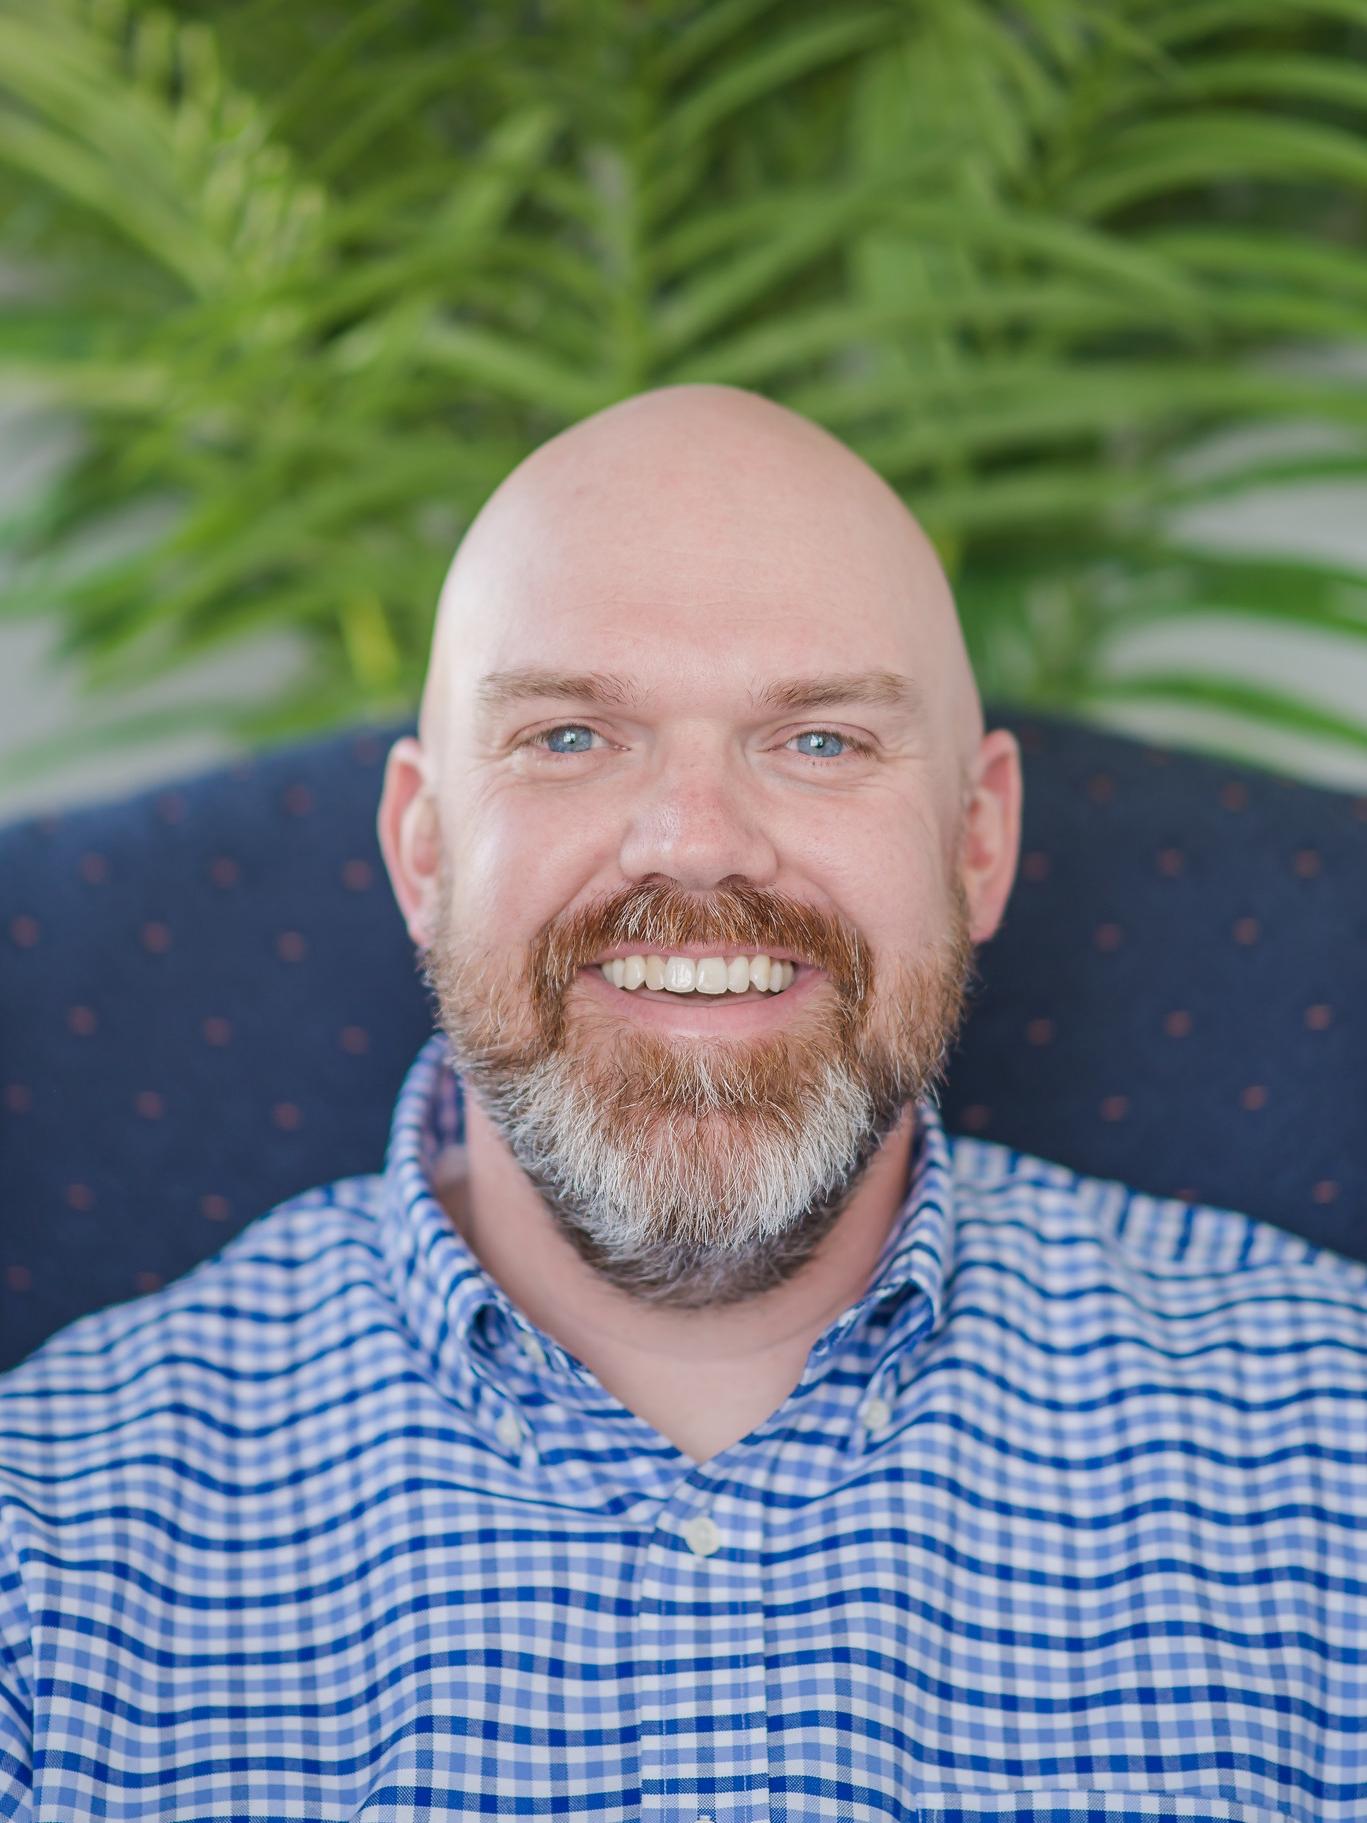 Joel DeVinney